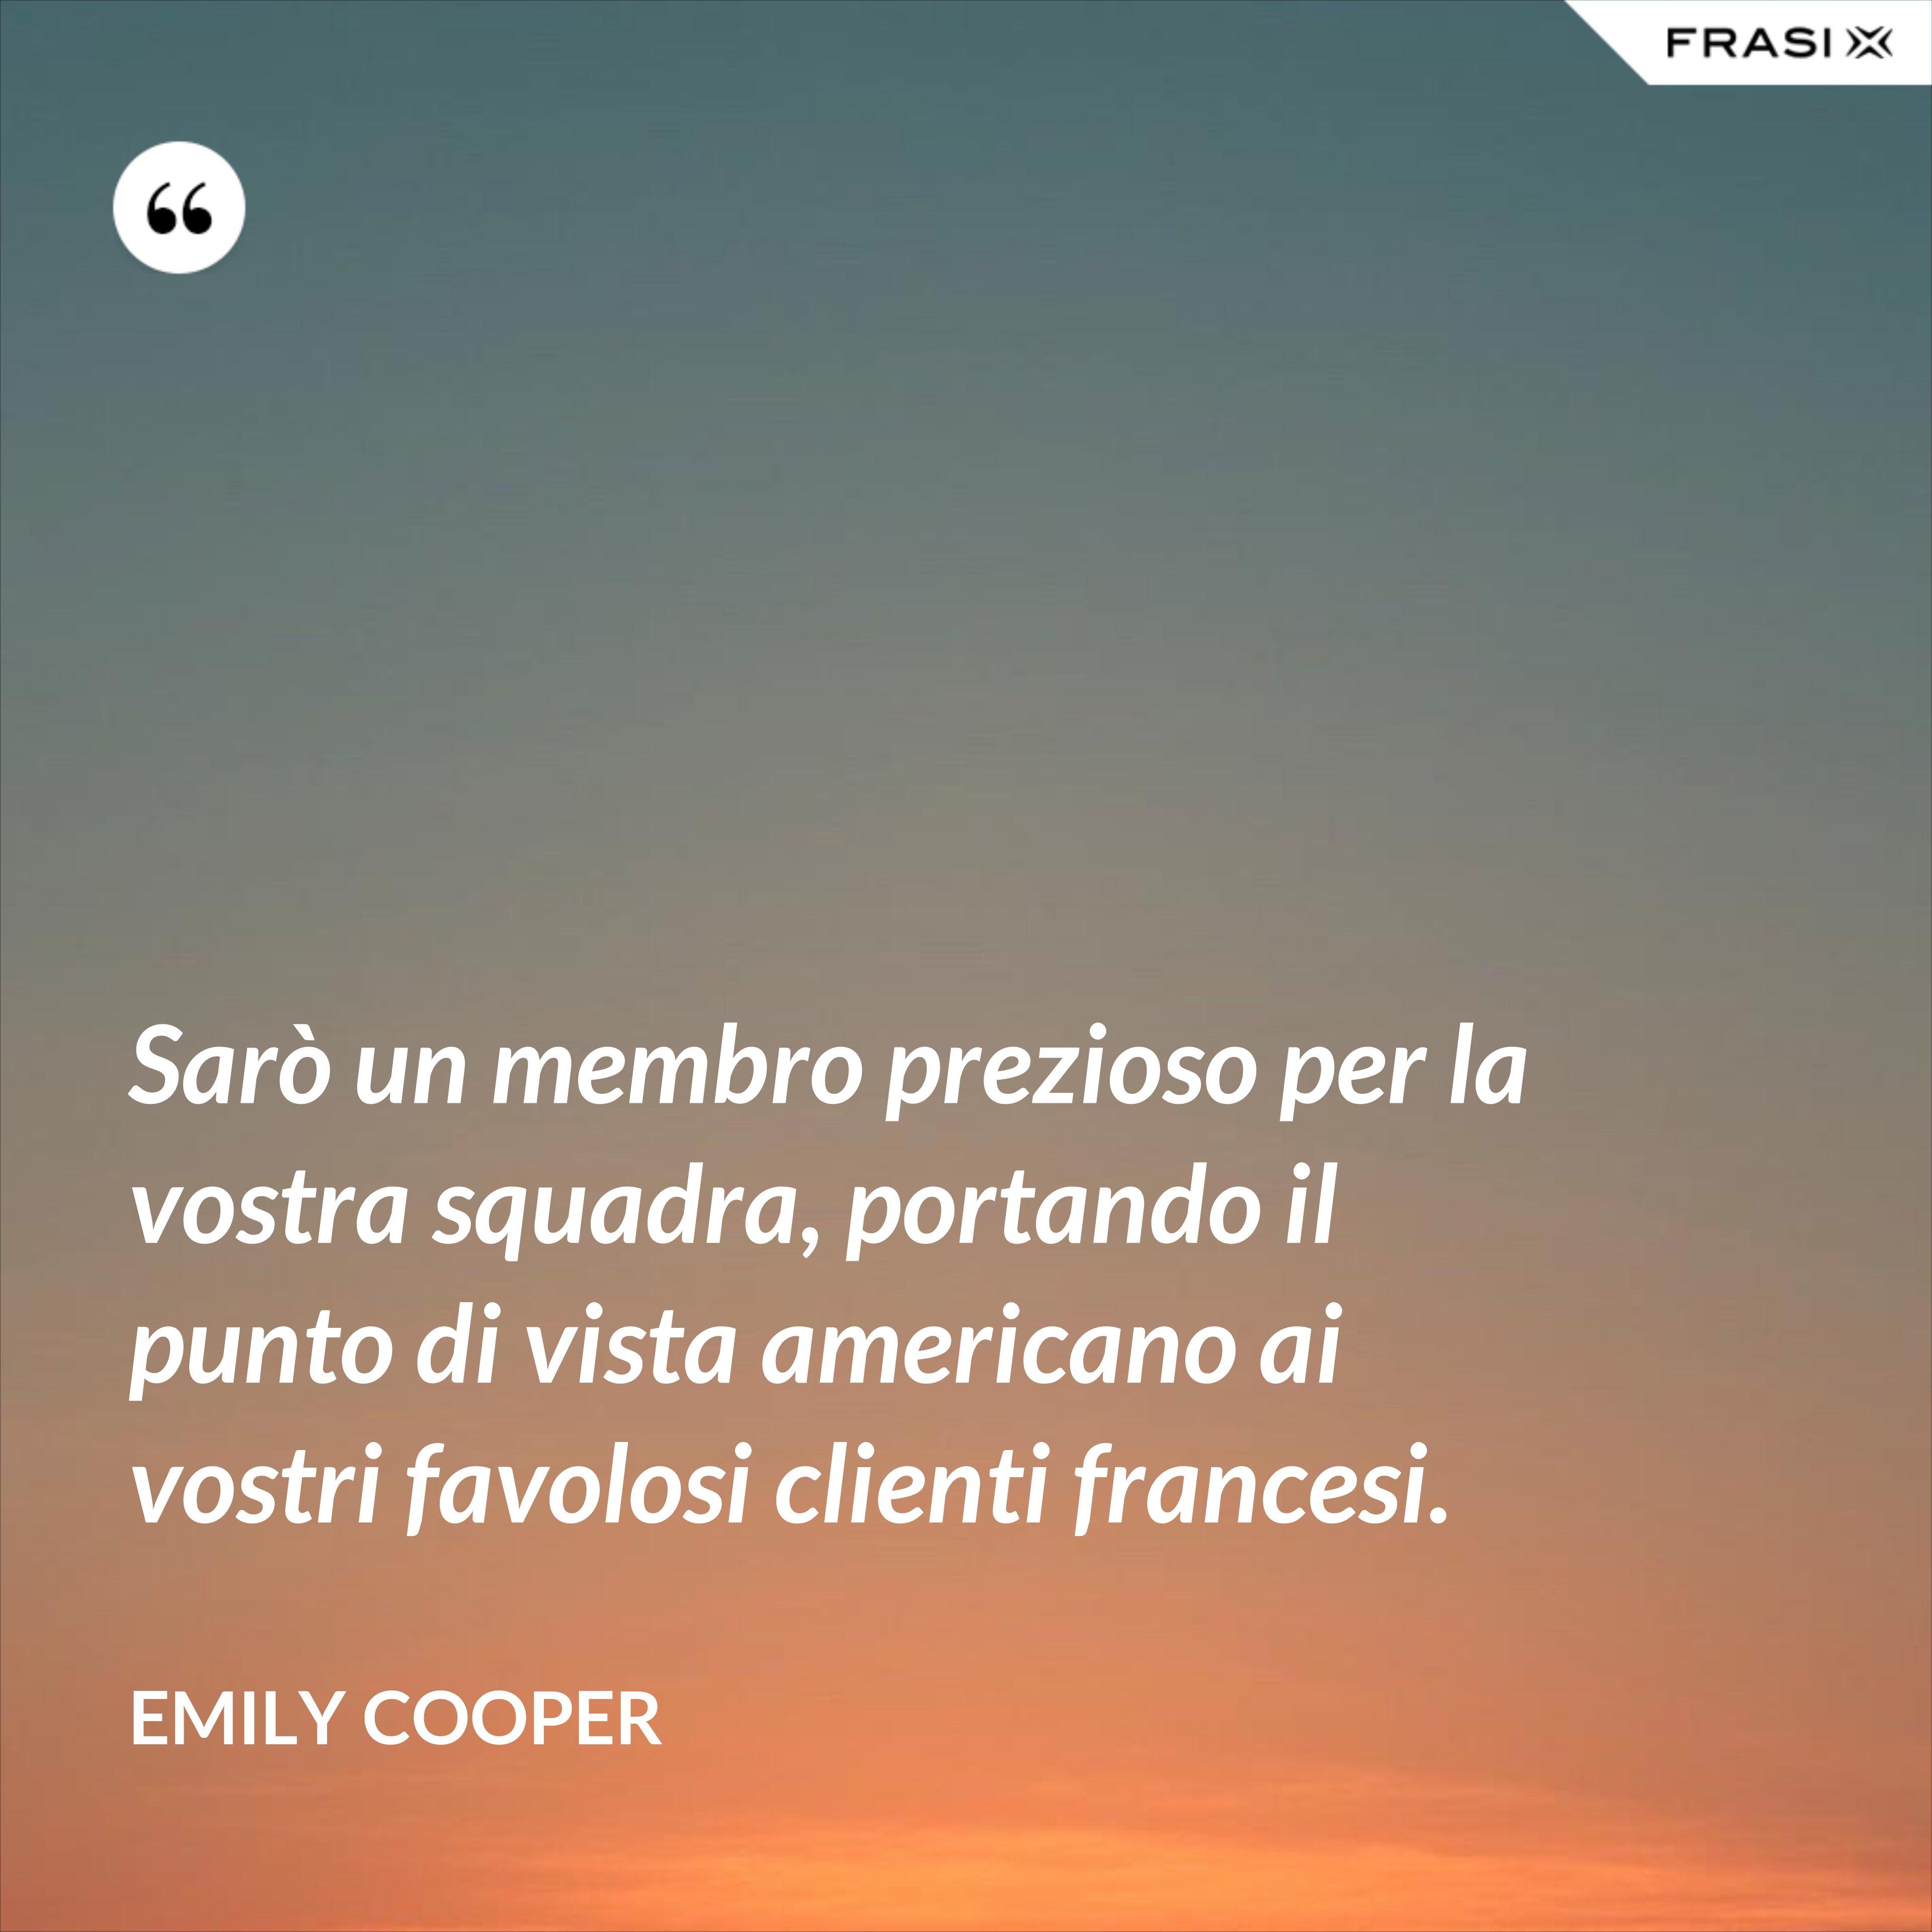 Sarò un membro prezioso per la vostra squadra, portando il punto di vista americano ai vostri favolosi clienti francesi. - Emily Cooper